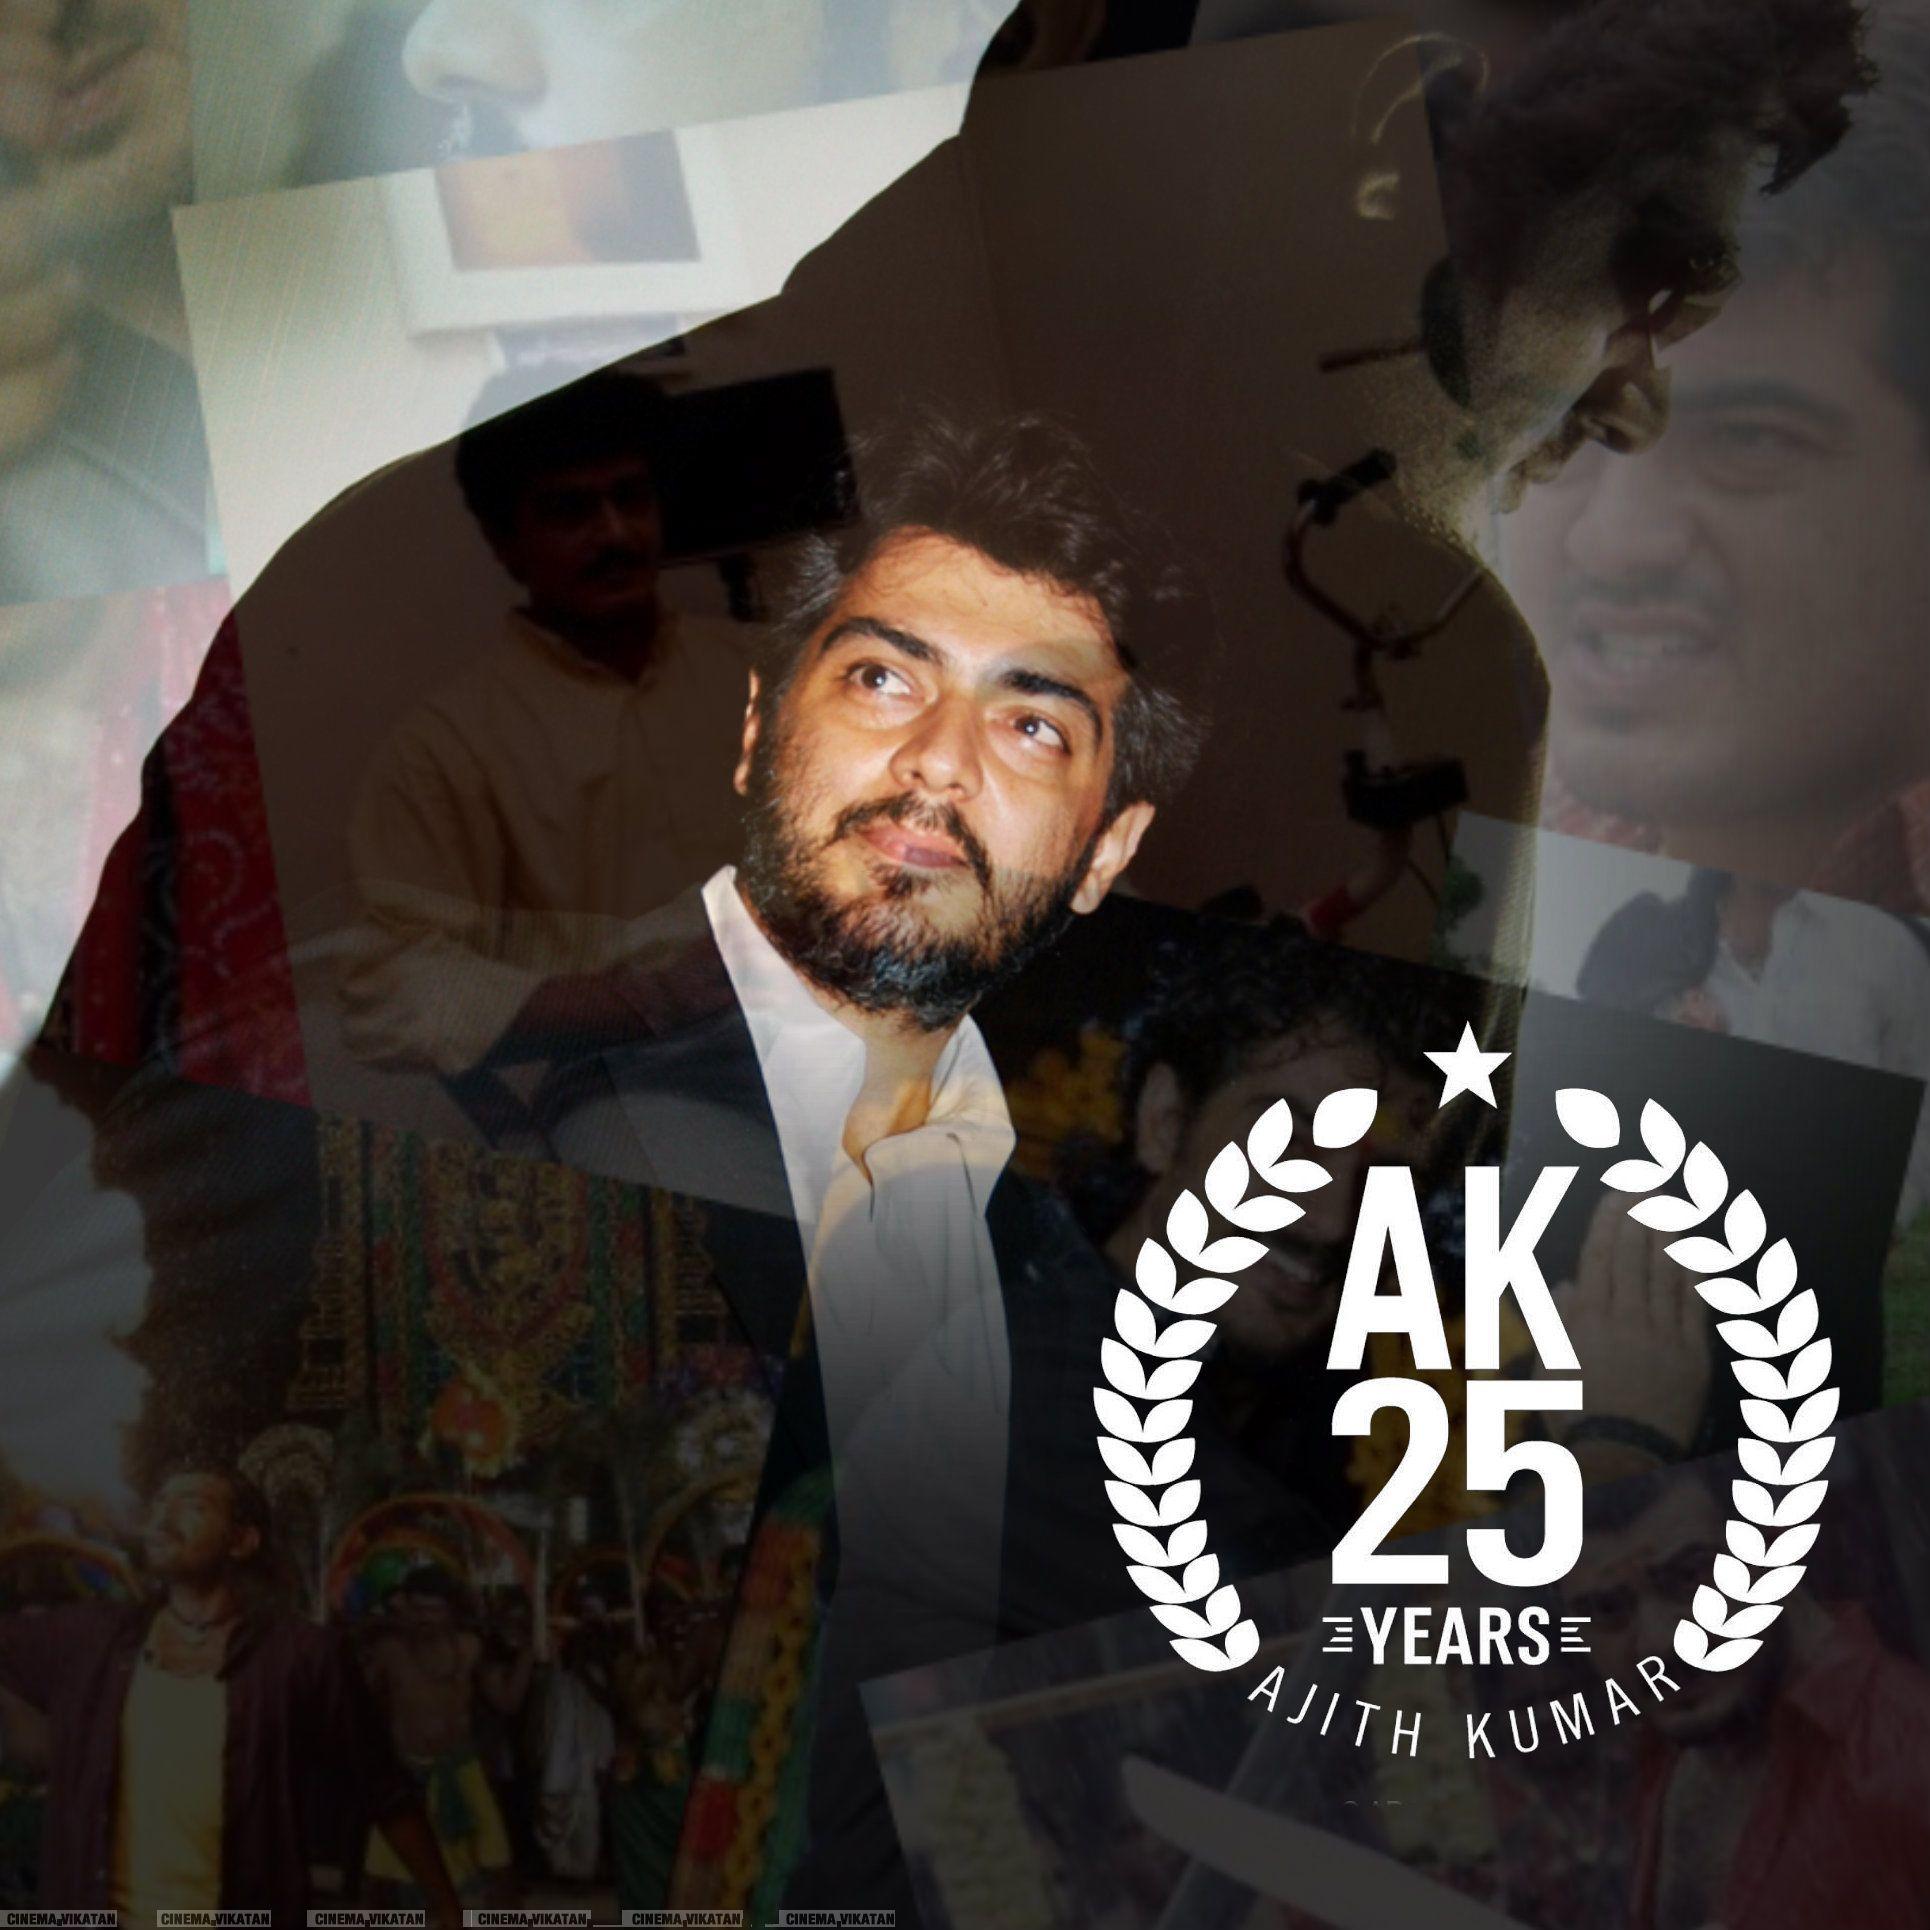 அஜித்தின் 25 வருட திரைப்பயணம்..! #PhotoRewind #RarePhotos #Ajith25